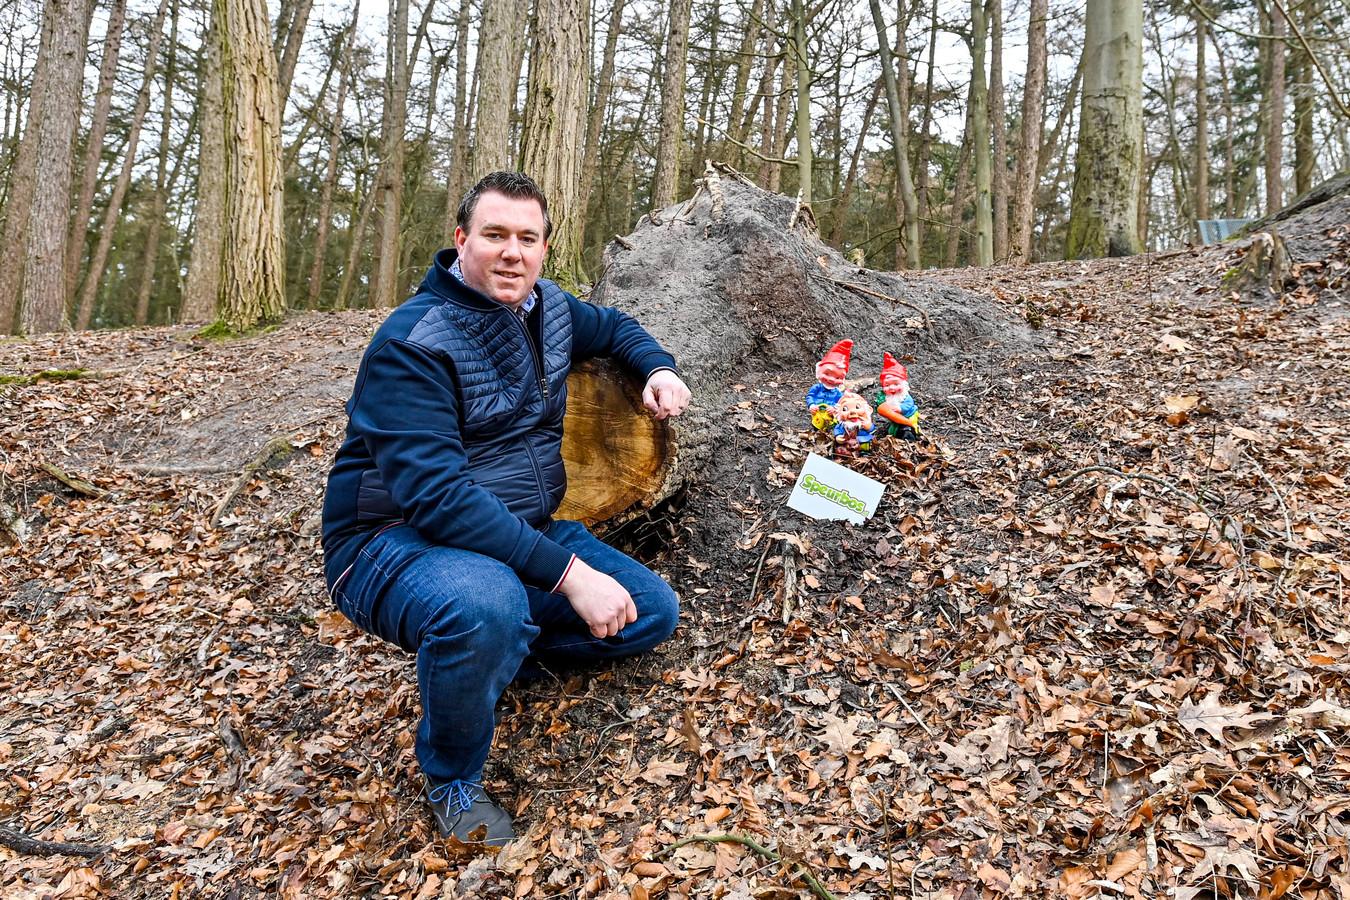 Richard Schouw heeft nieuw speurspel uitgezet in het Pagnevaartbos.